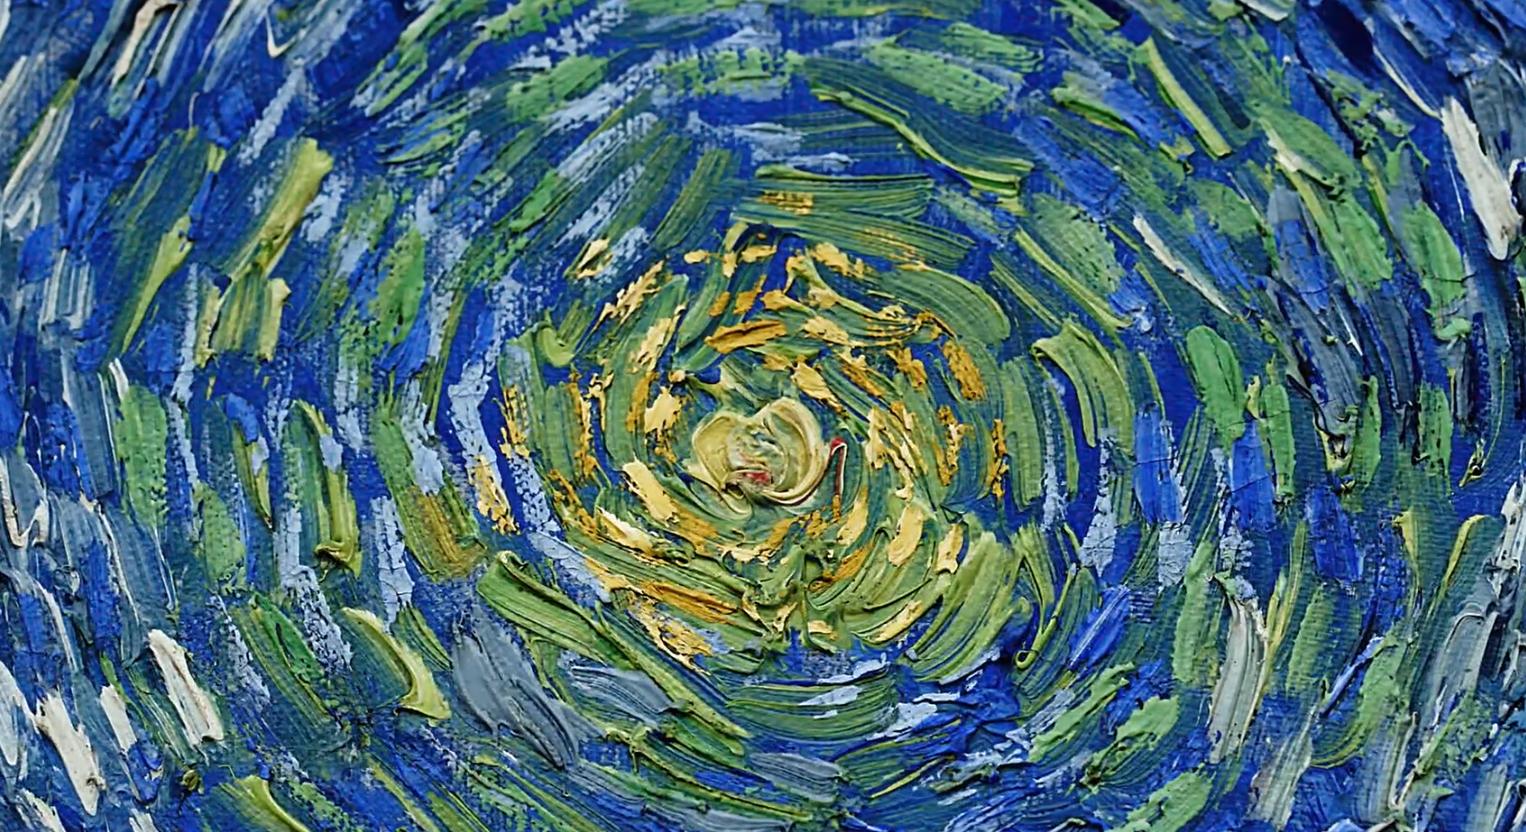 ゴッホとヘレーネの森 クレラー=ミュラー美術館の至宝の感想